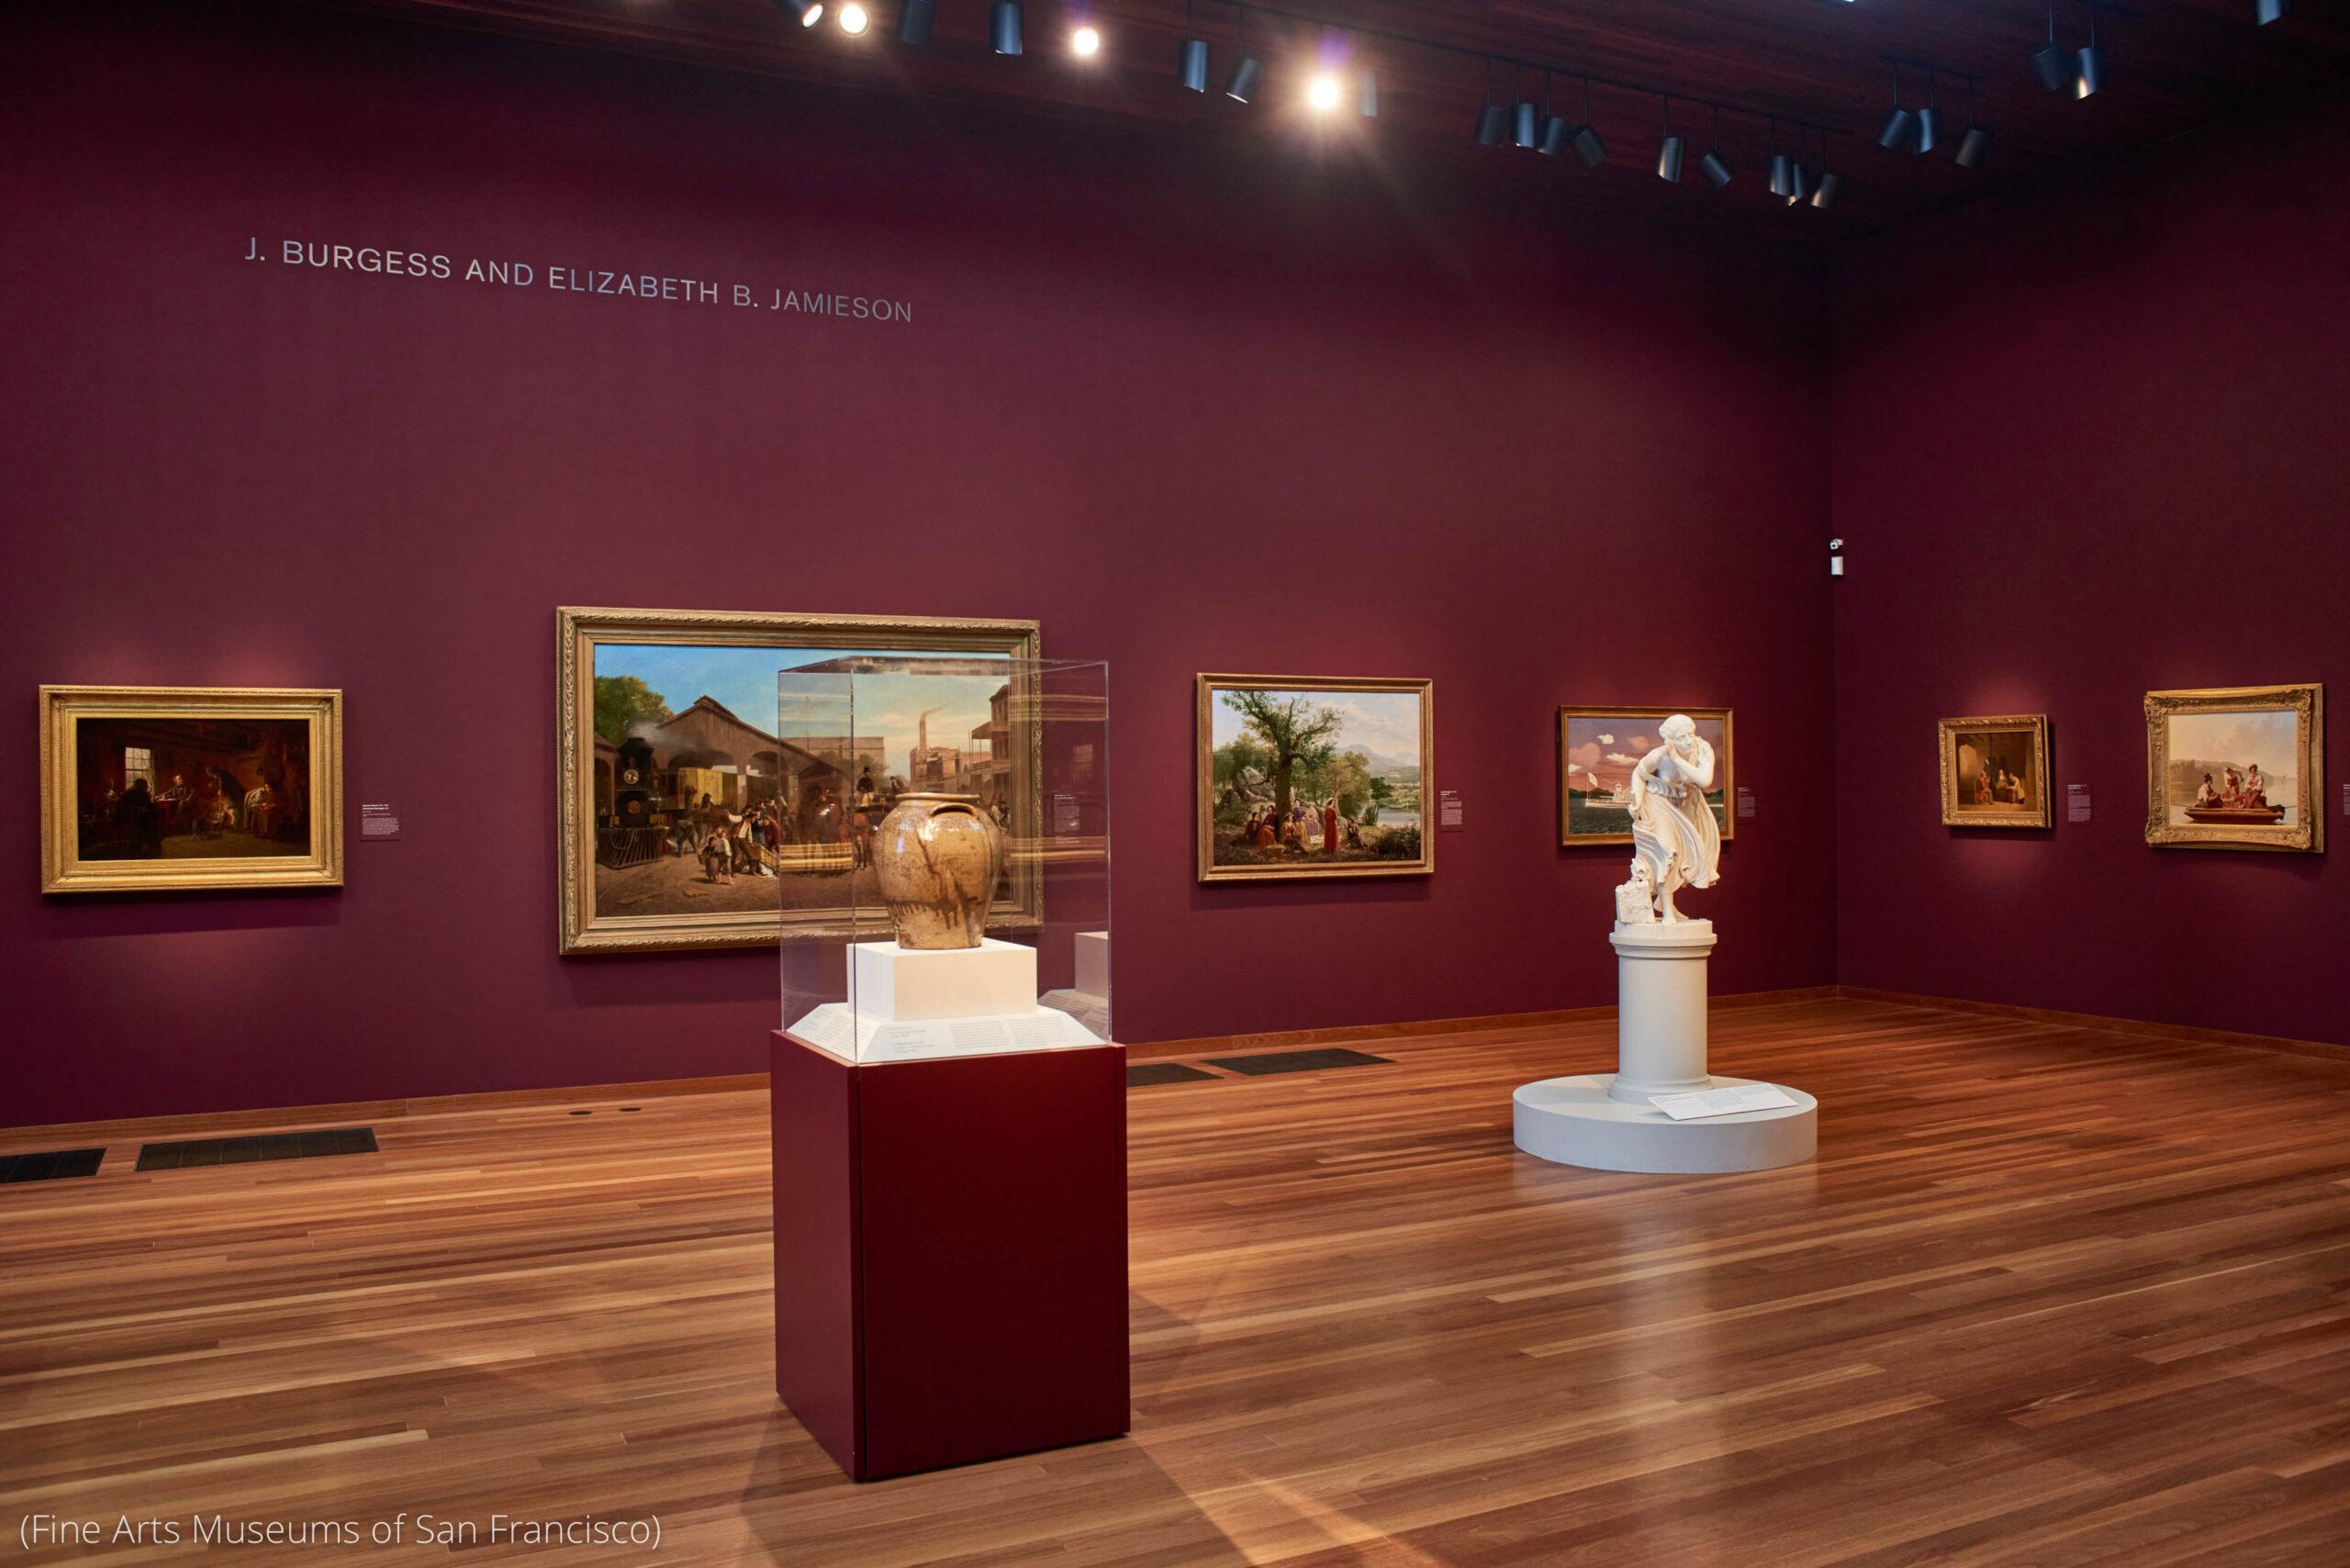 Karya-karya seni — termasuk lukisan di dinding, tembikar, dan patung — di museum (Fine Arts Museums of San Francisco)